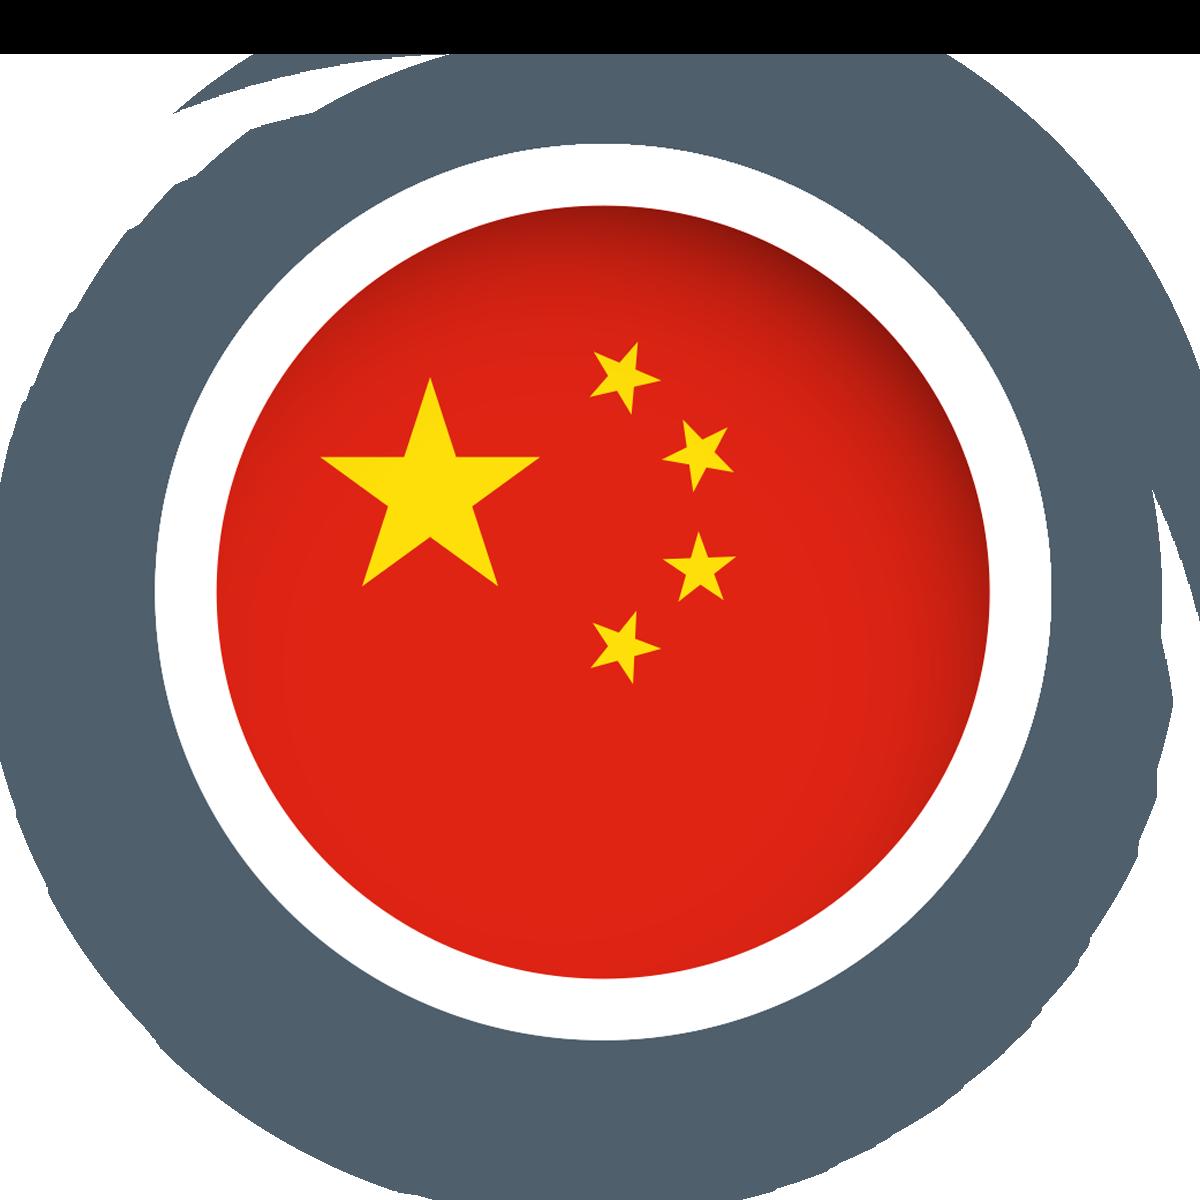 Diğer Yabancı Dil Eğitimleri - Cince kategori - Amerikan Dili Edebiyatı Yabancı Dil Kursları -